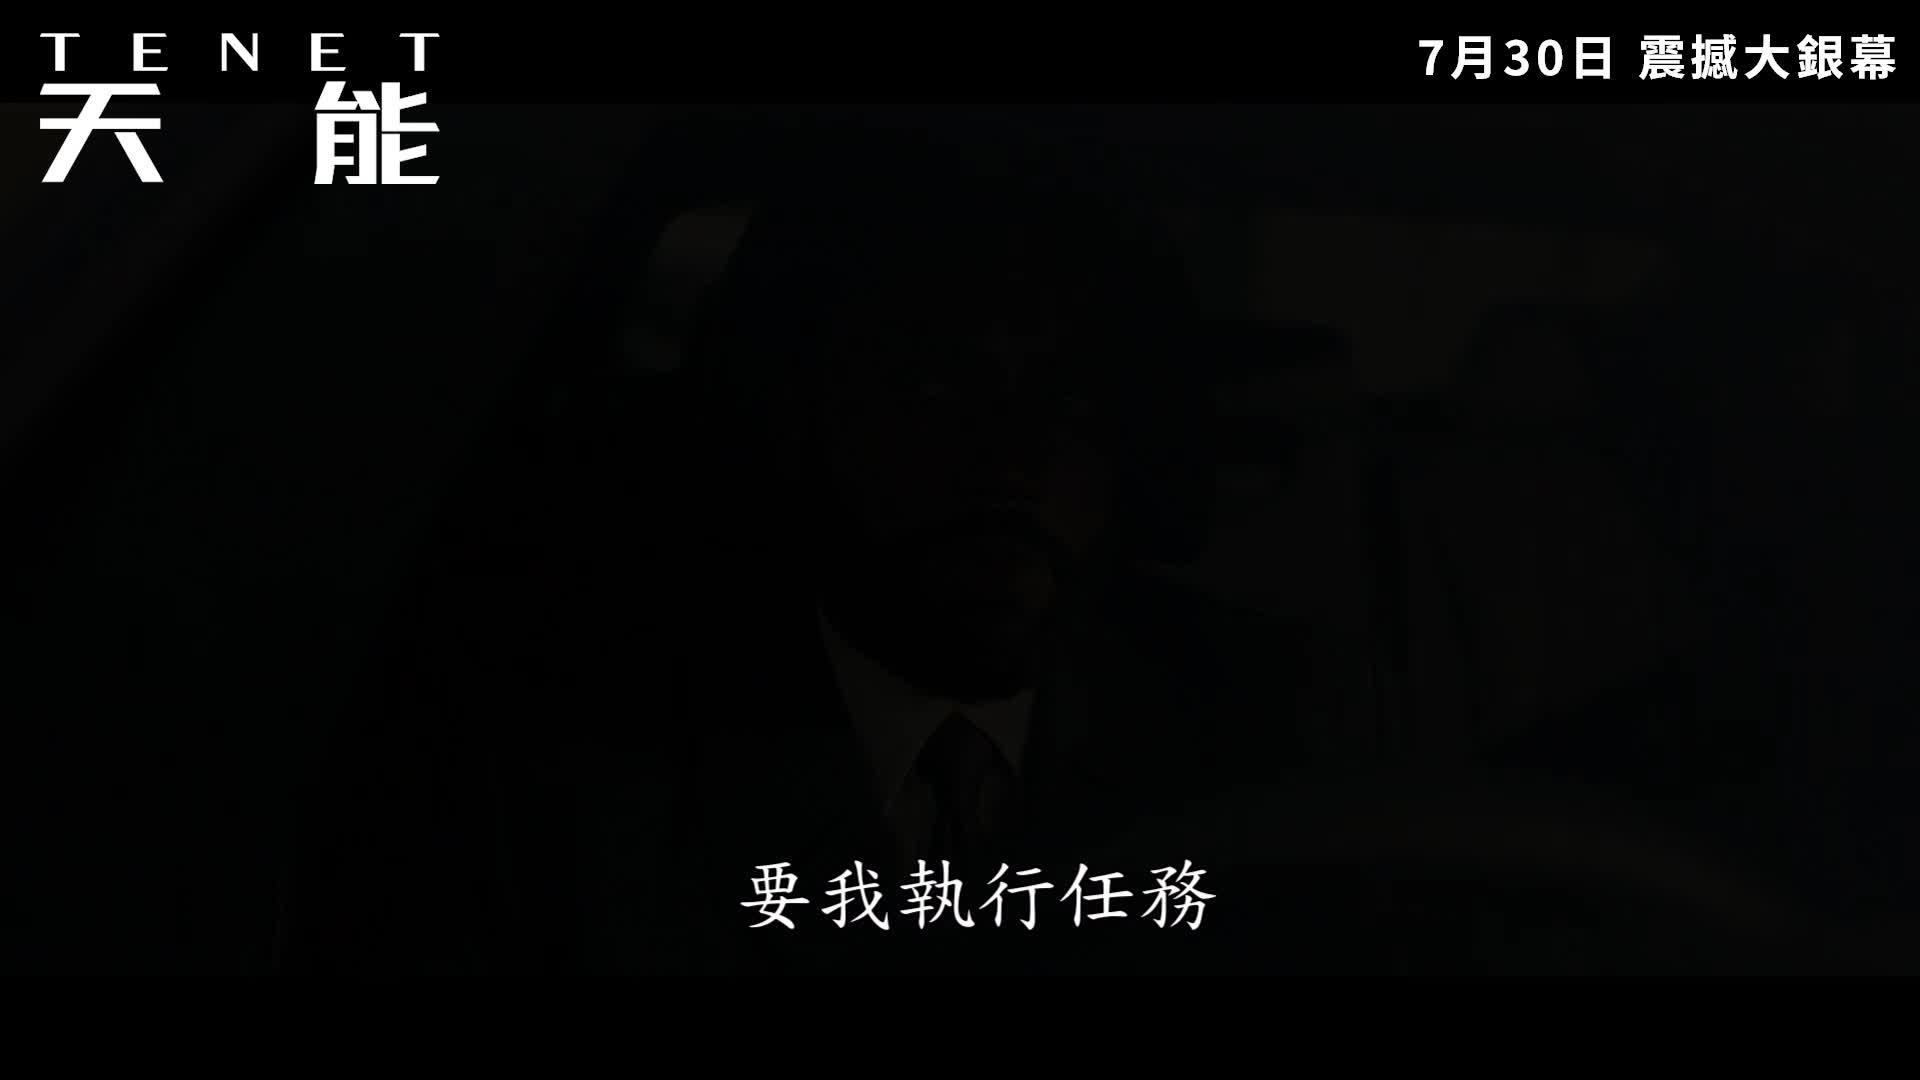 《天能》電影預告